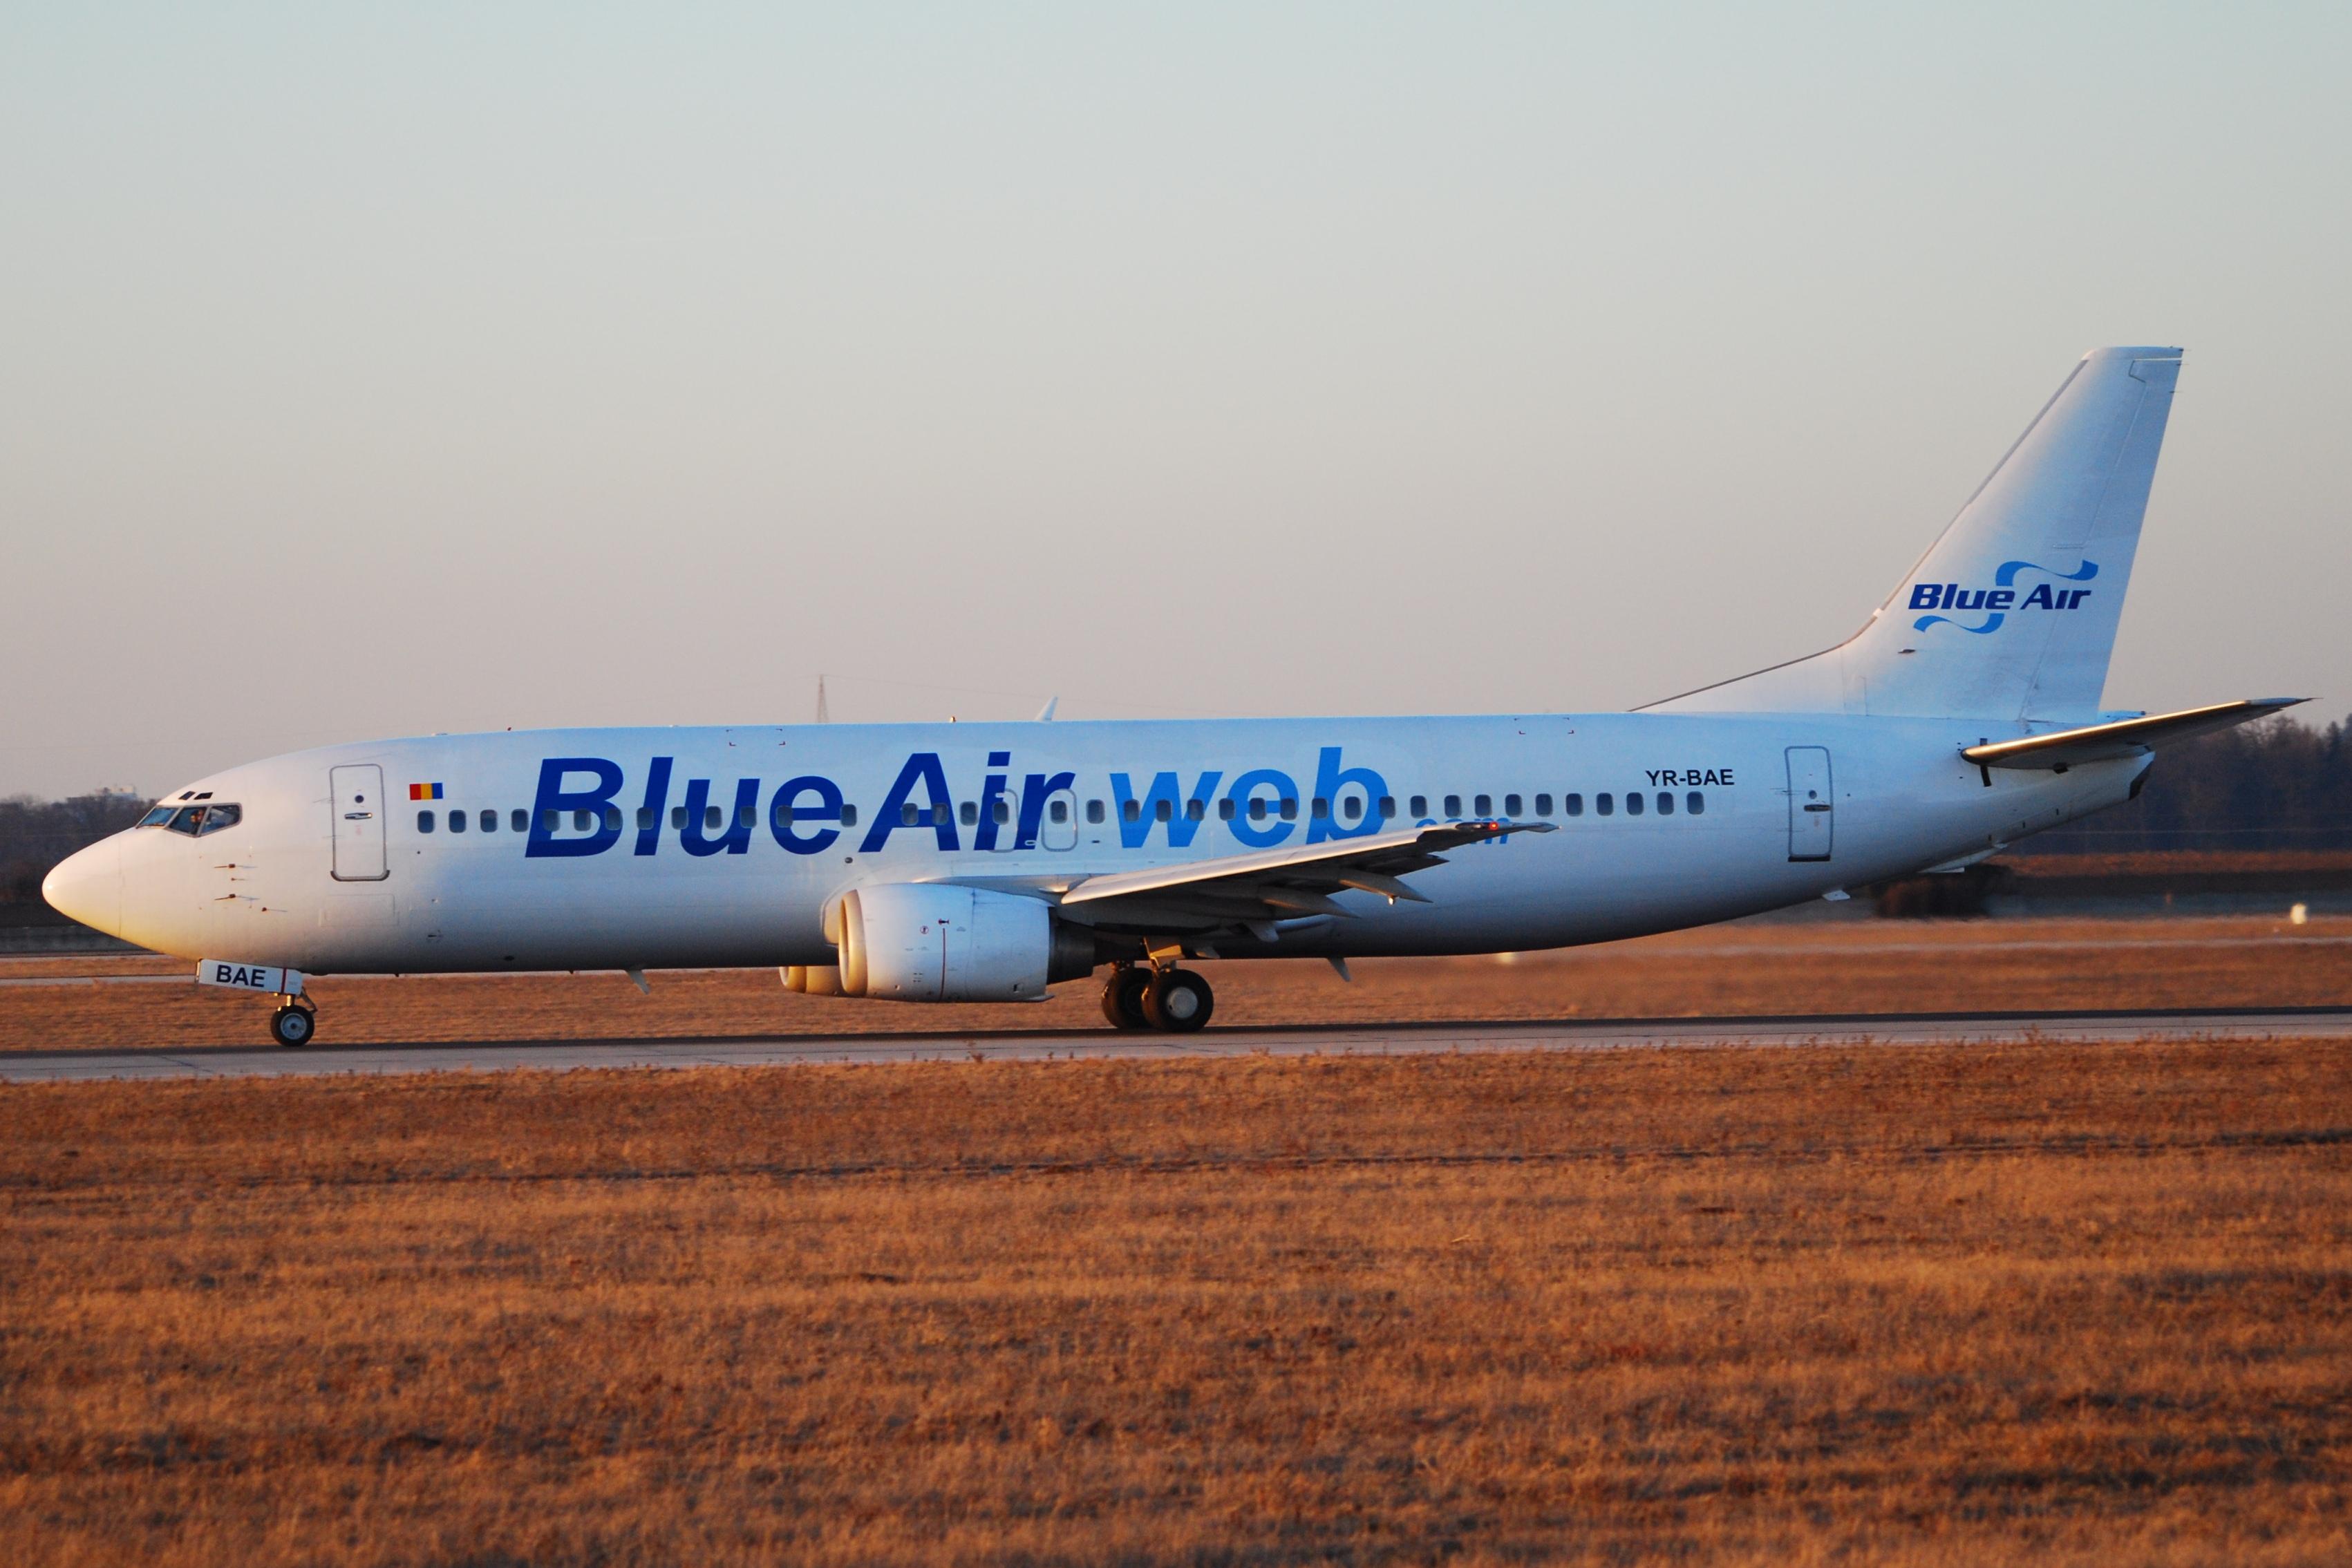 Come fare blue air check in con bagaglio a mano